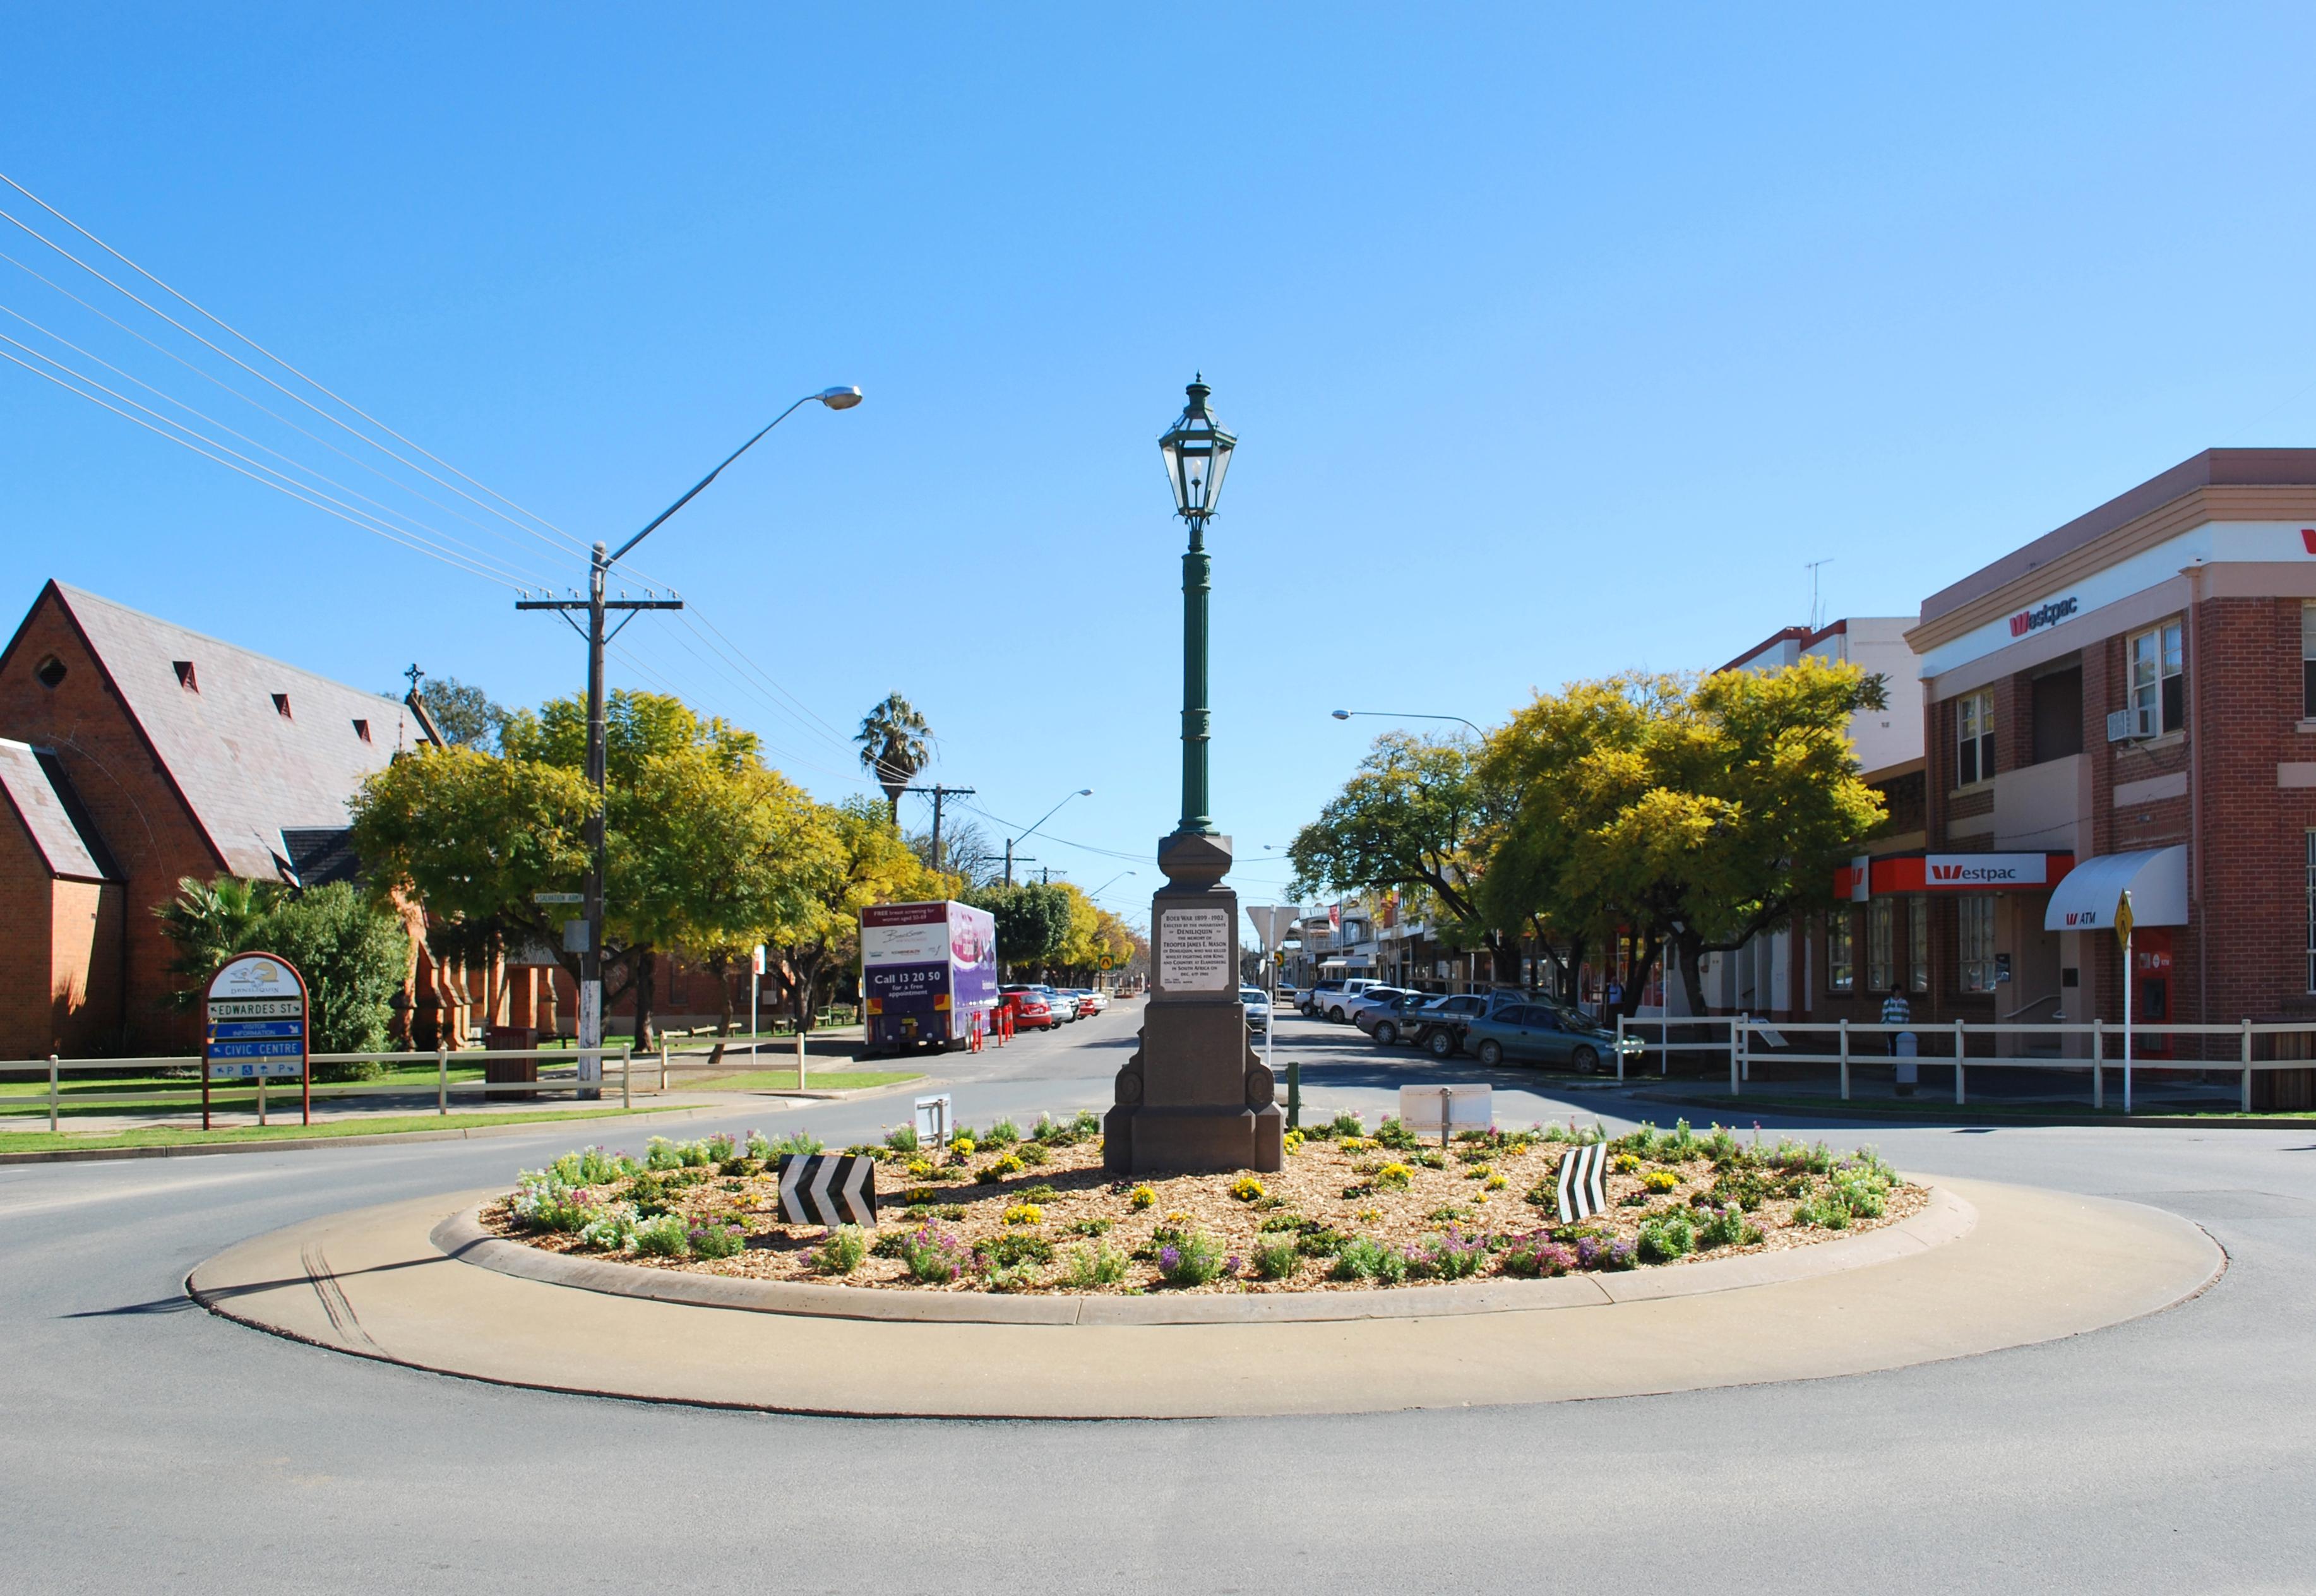 Deniliquin Australia  City pictures : Deniliquin Boer War Memorial Lamp 001